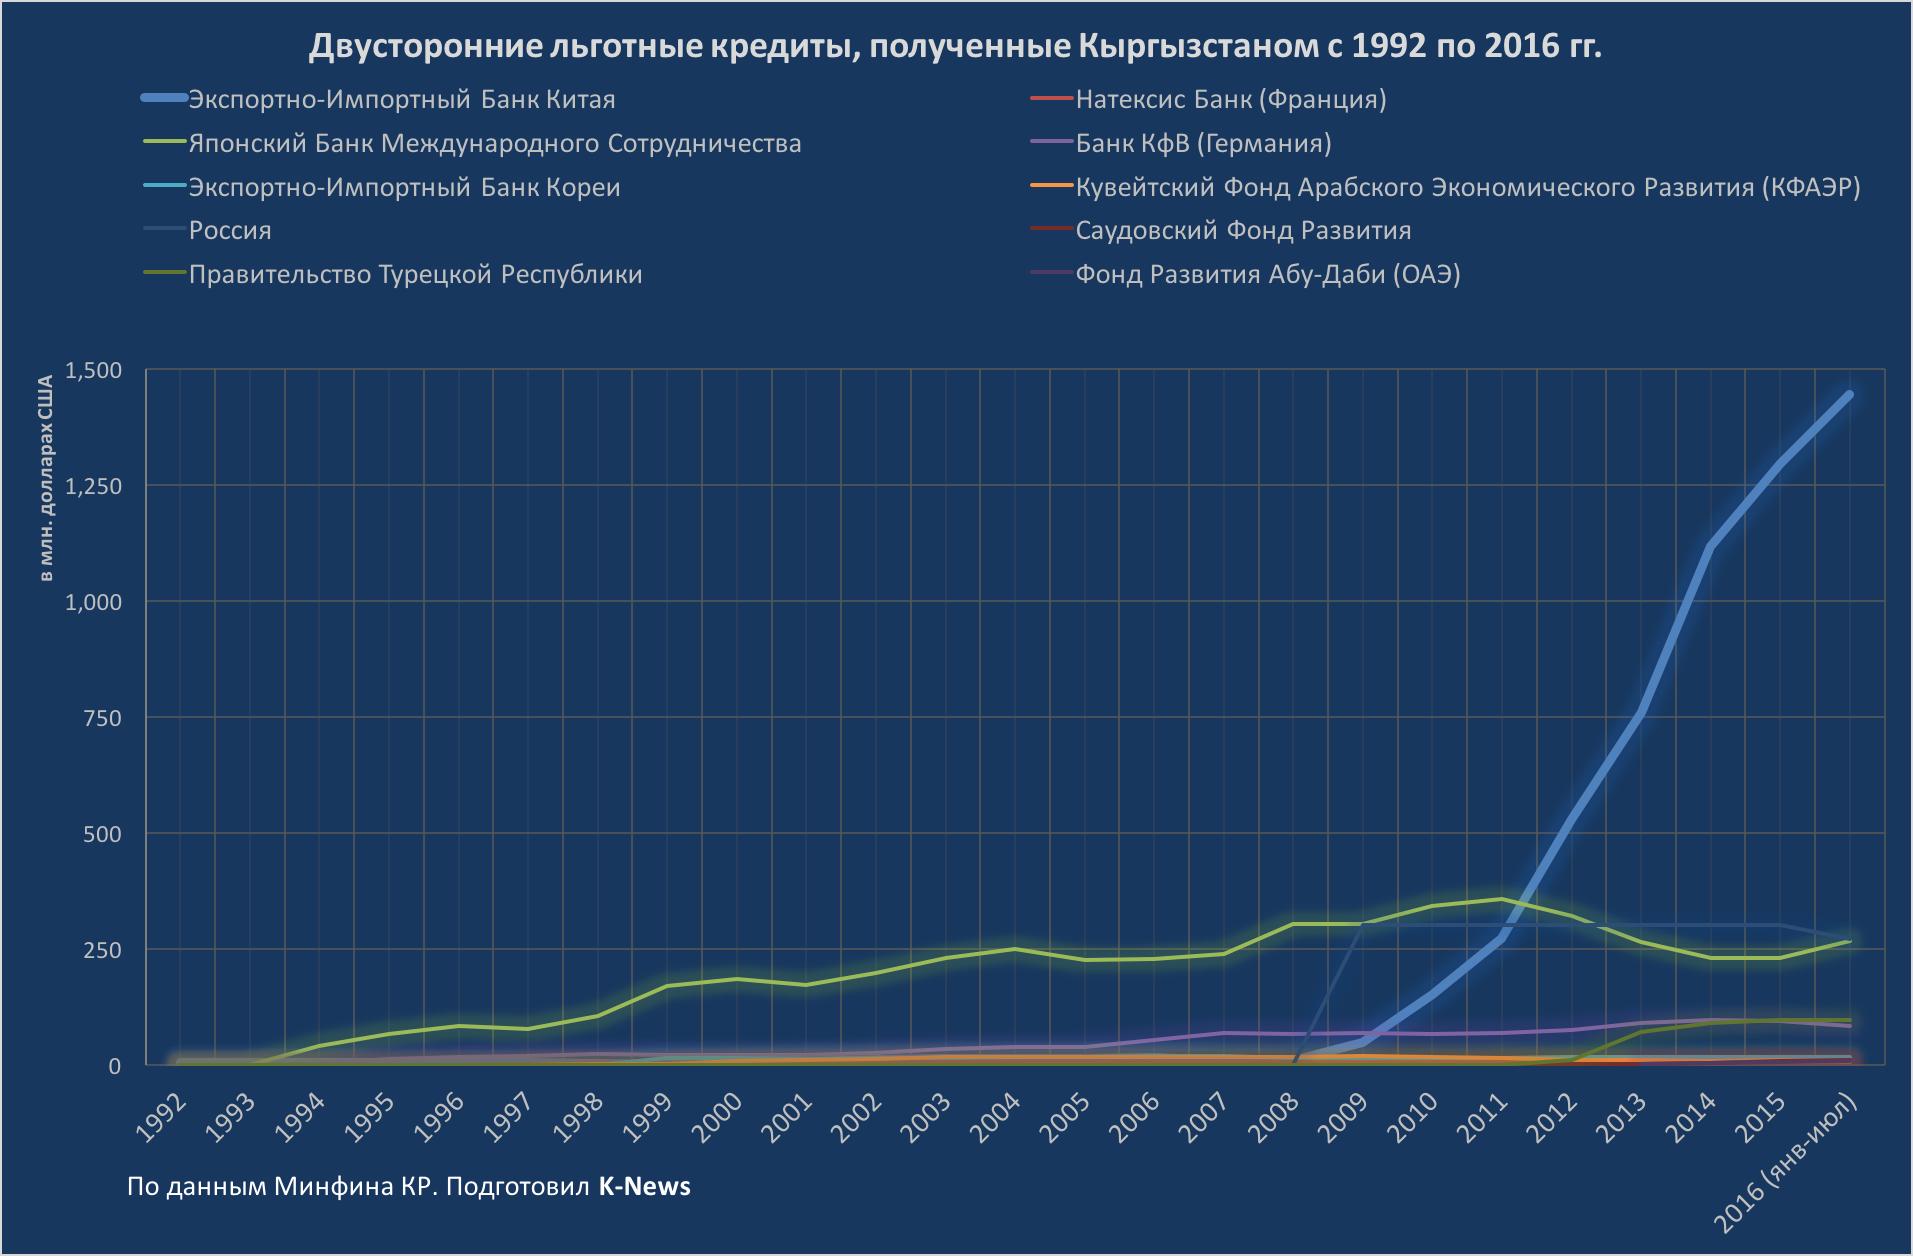 Государственный внешний долг 1992-2016 Двусторонние льготные кредиты